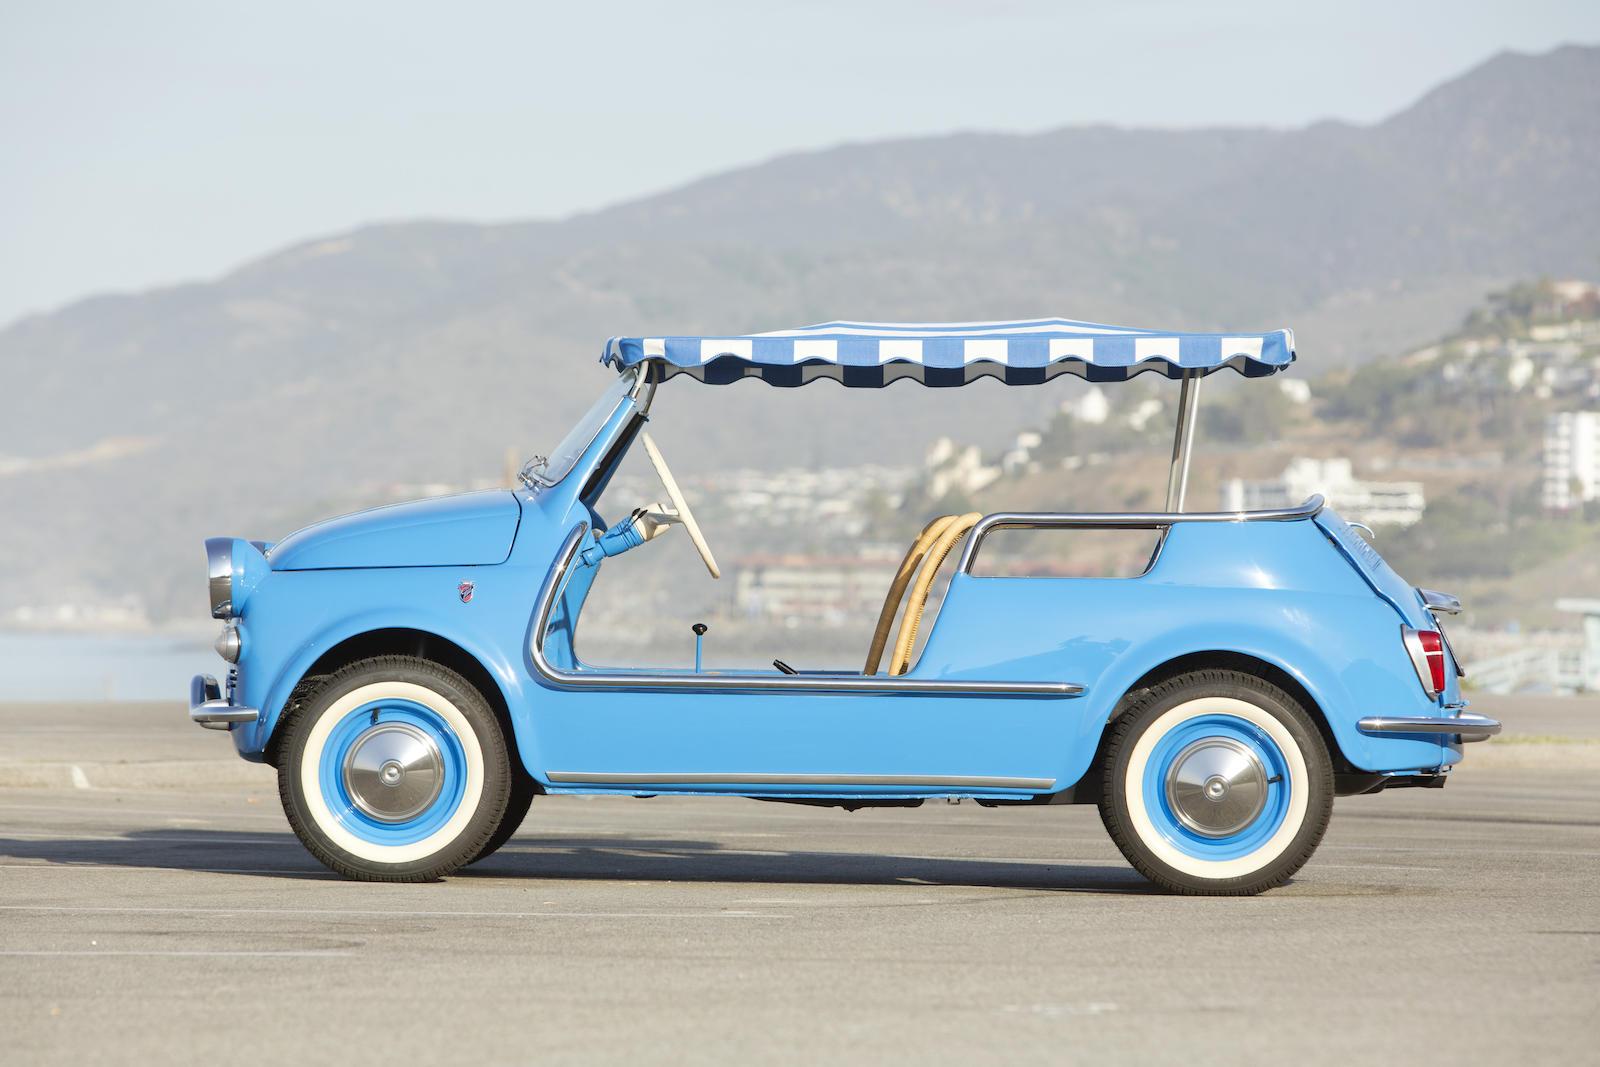 1959 Fiat Jolly side profile